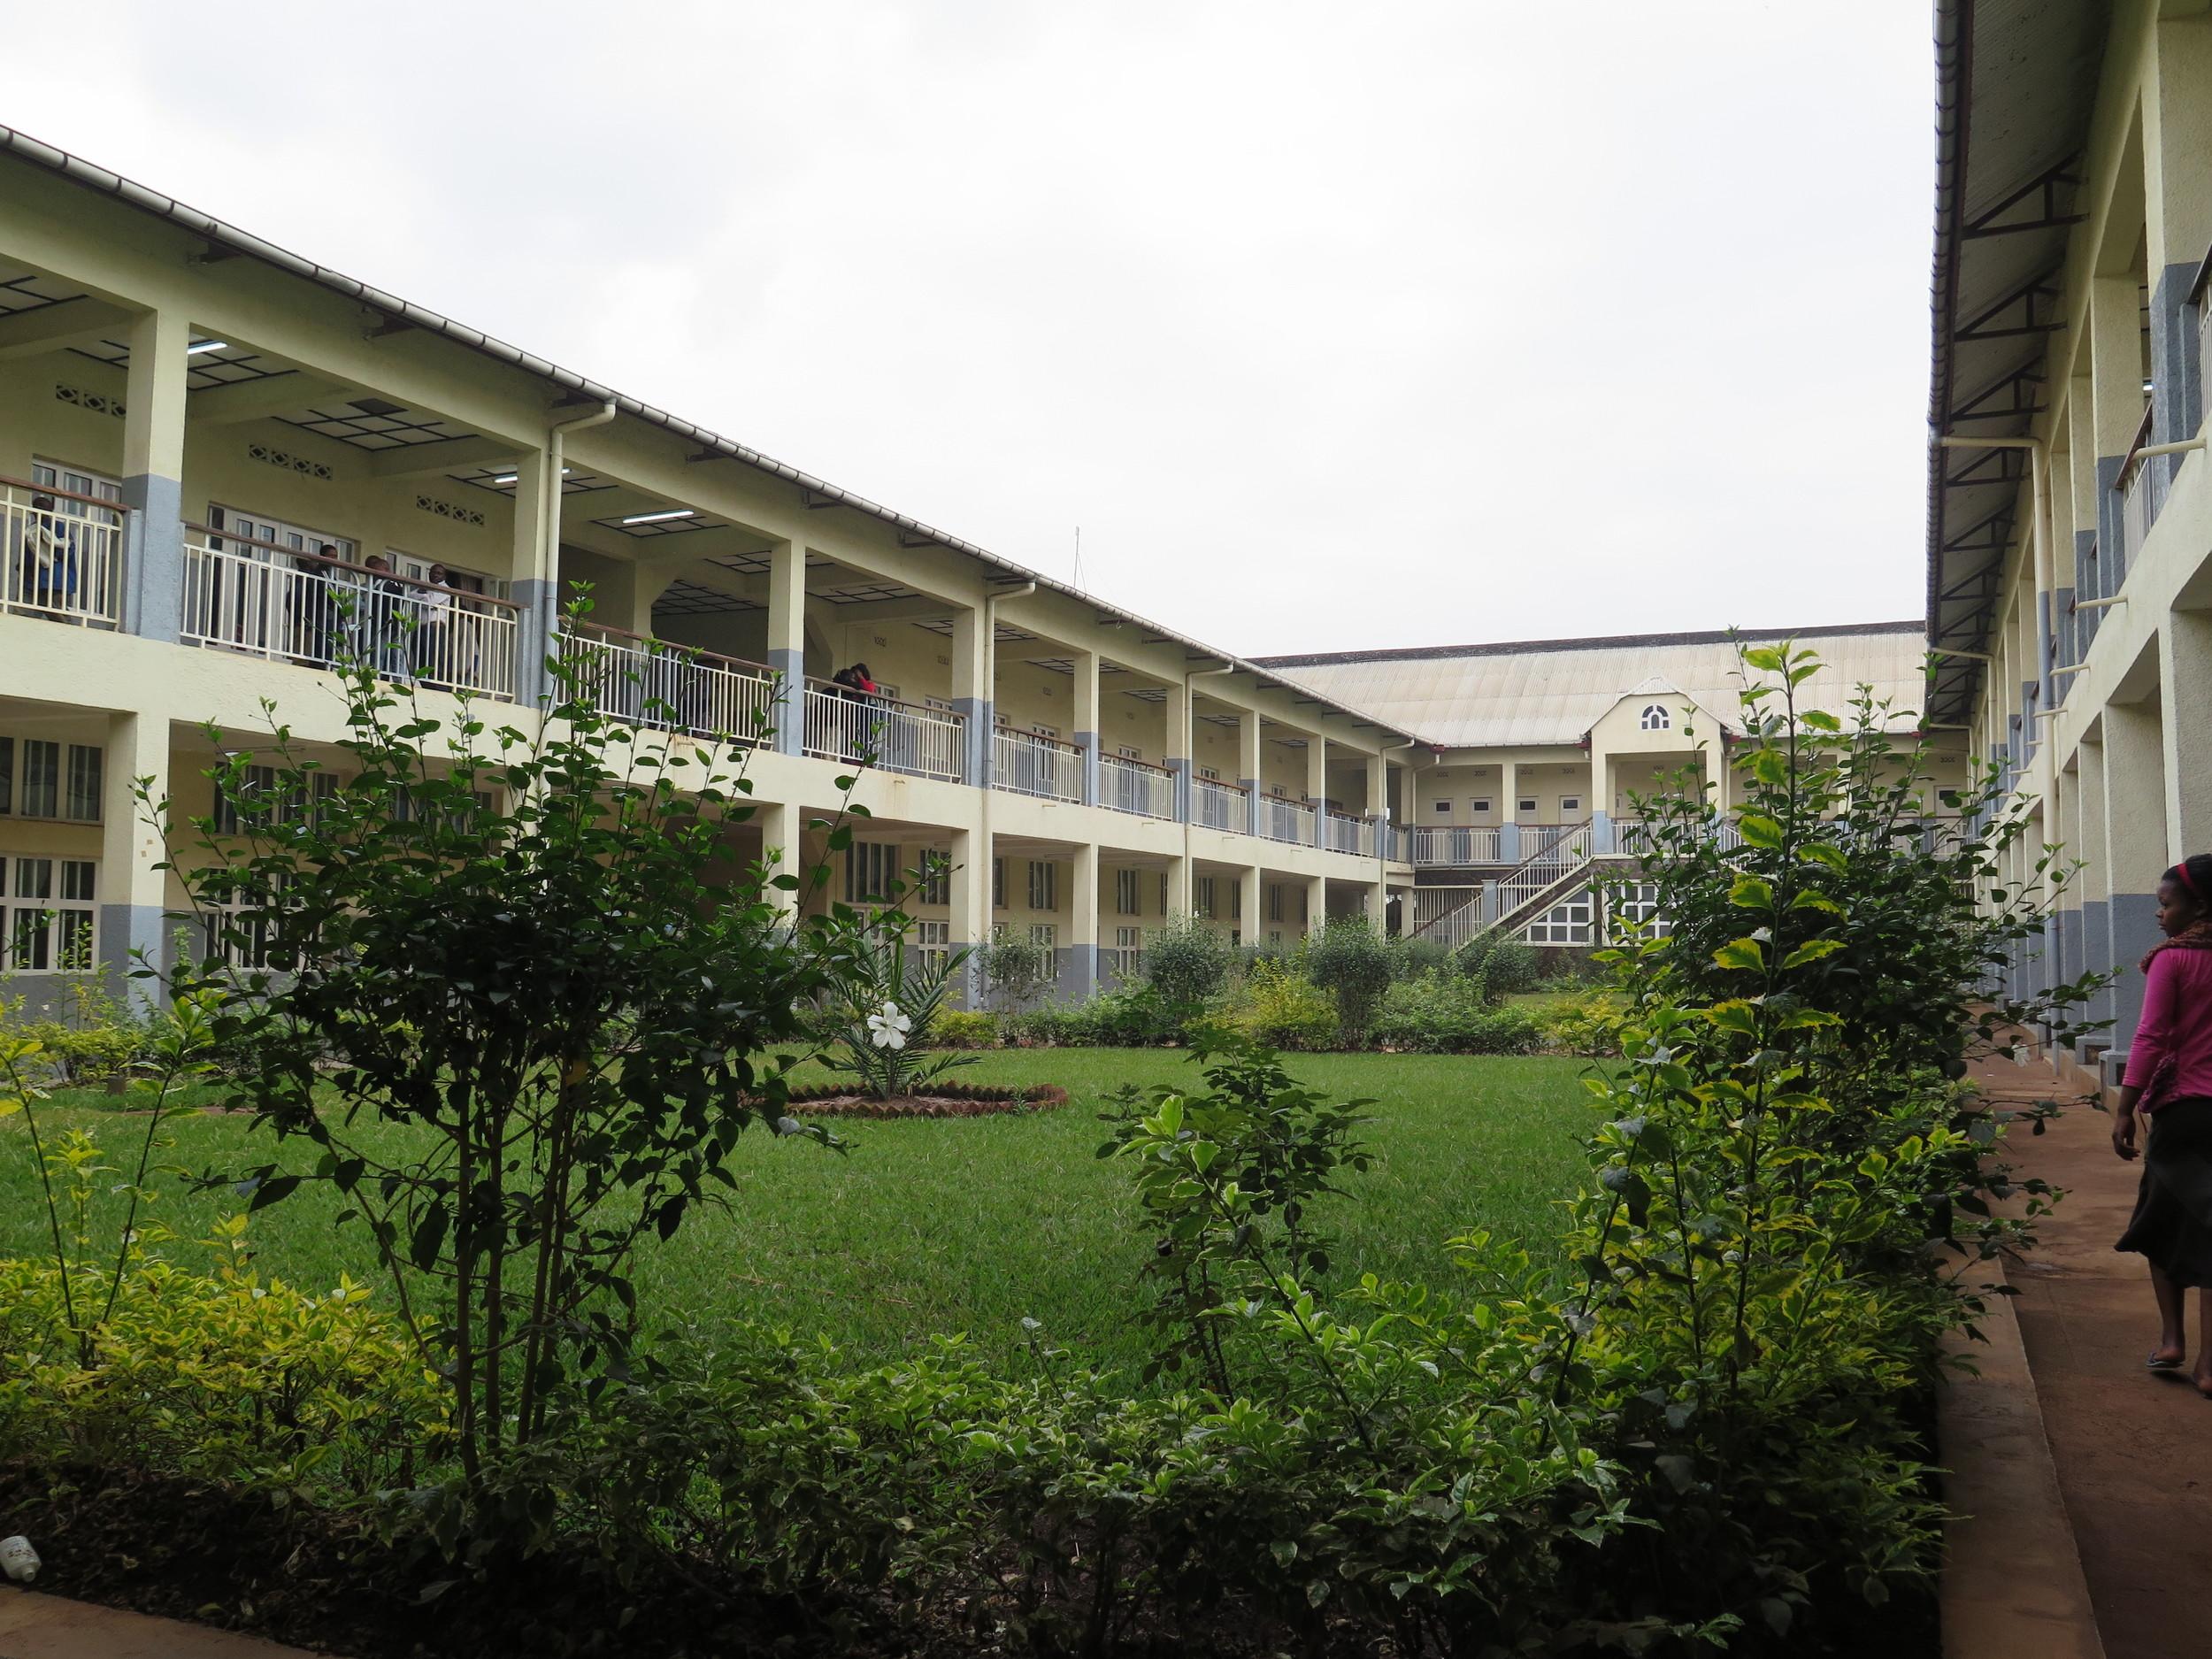 Maison Dorcas